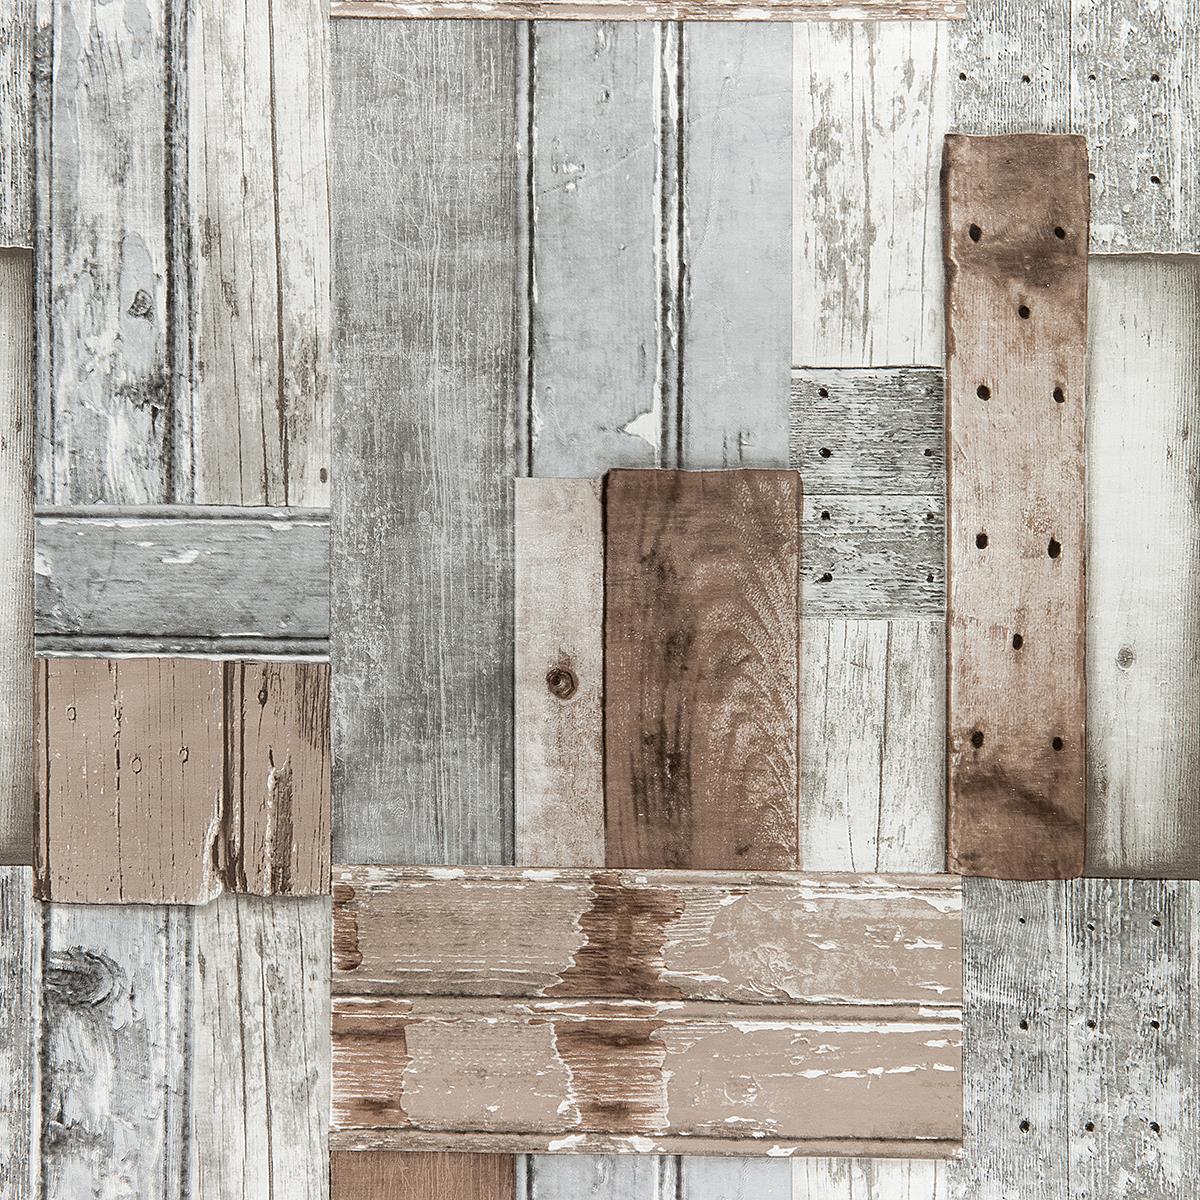 wachstuch in 1 4m br patchwood grau braun meterware tischdecke. Black Bedroom Furniture Sets. Home Design Ideas